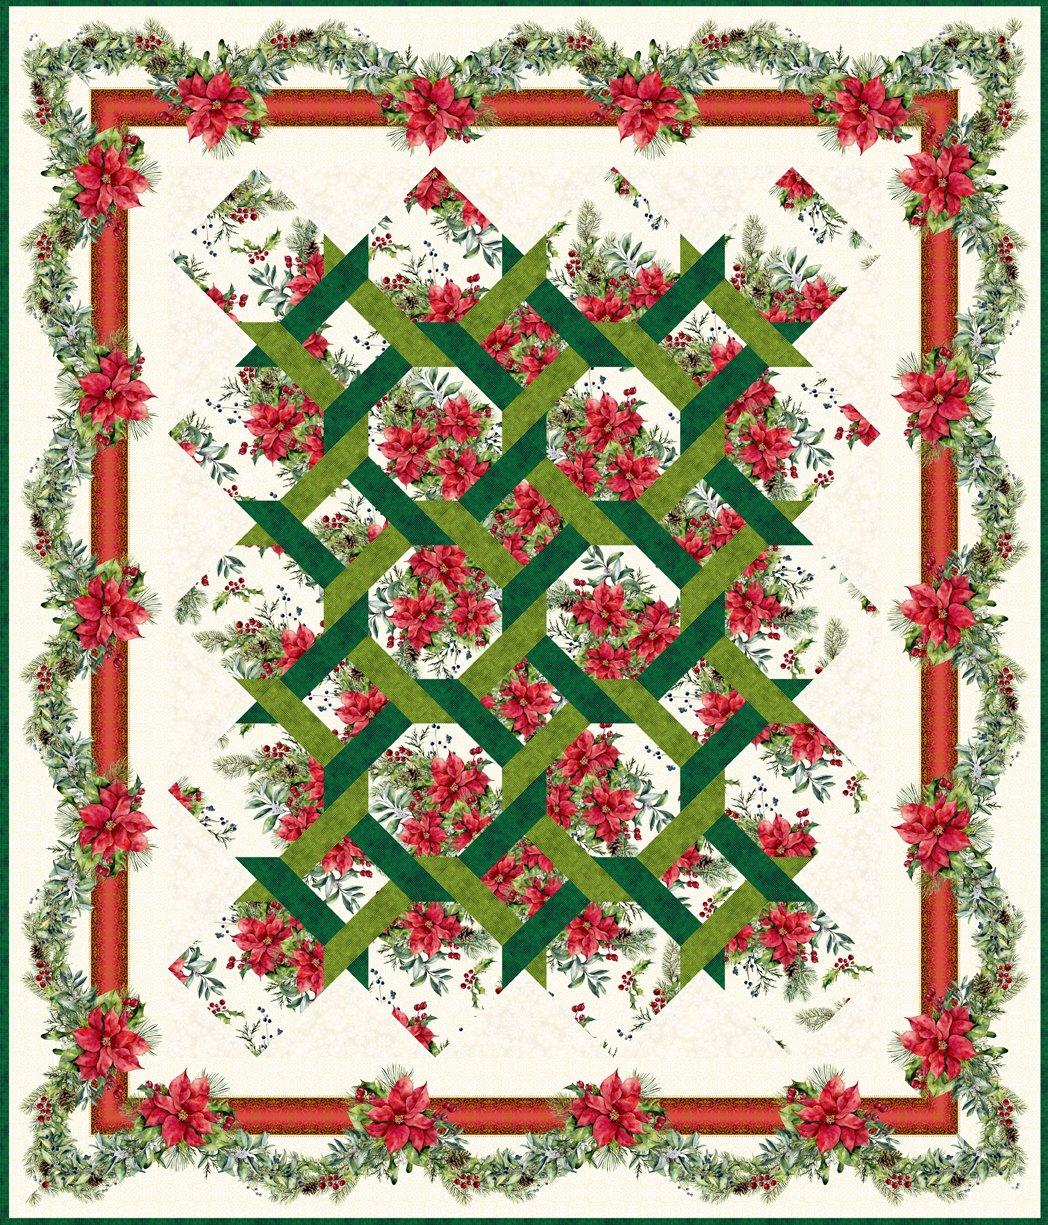 The Winter Twist Quilt 2 Pattern